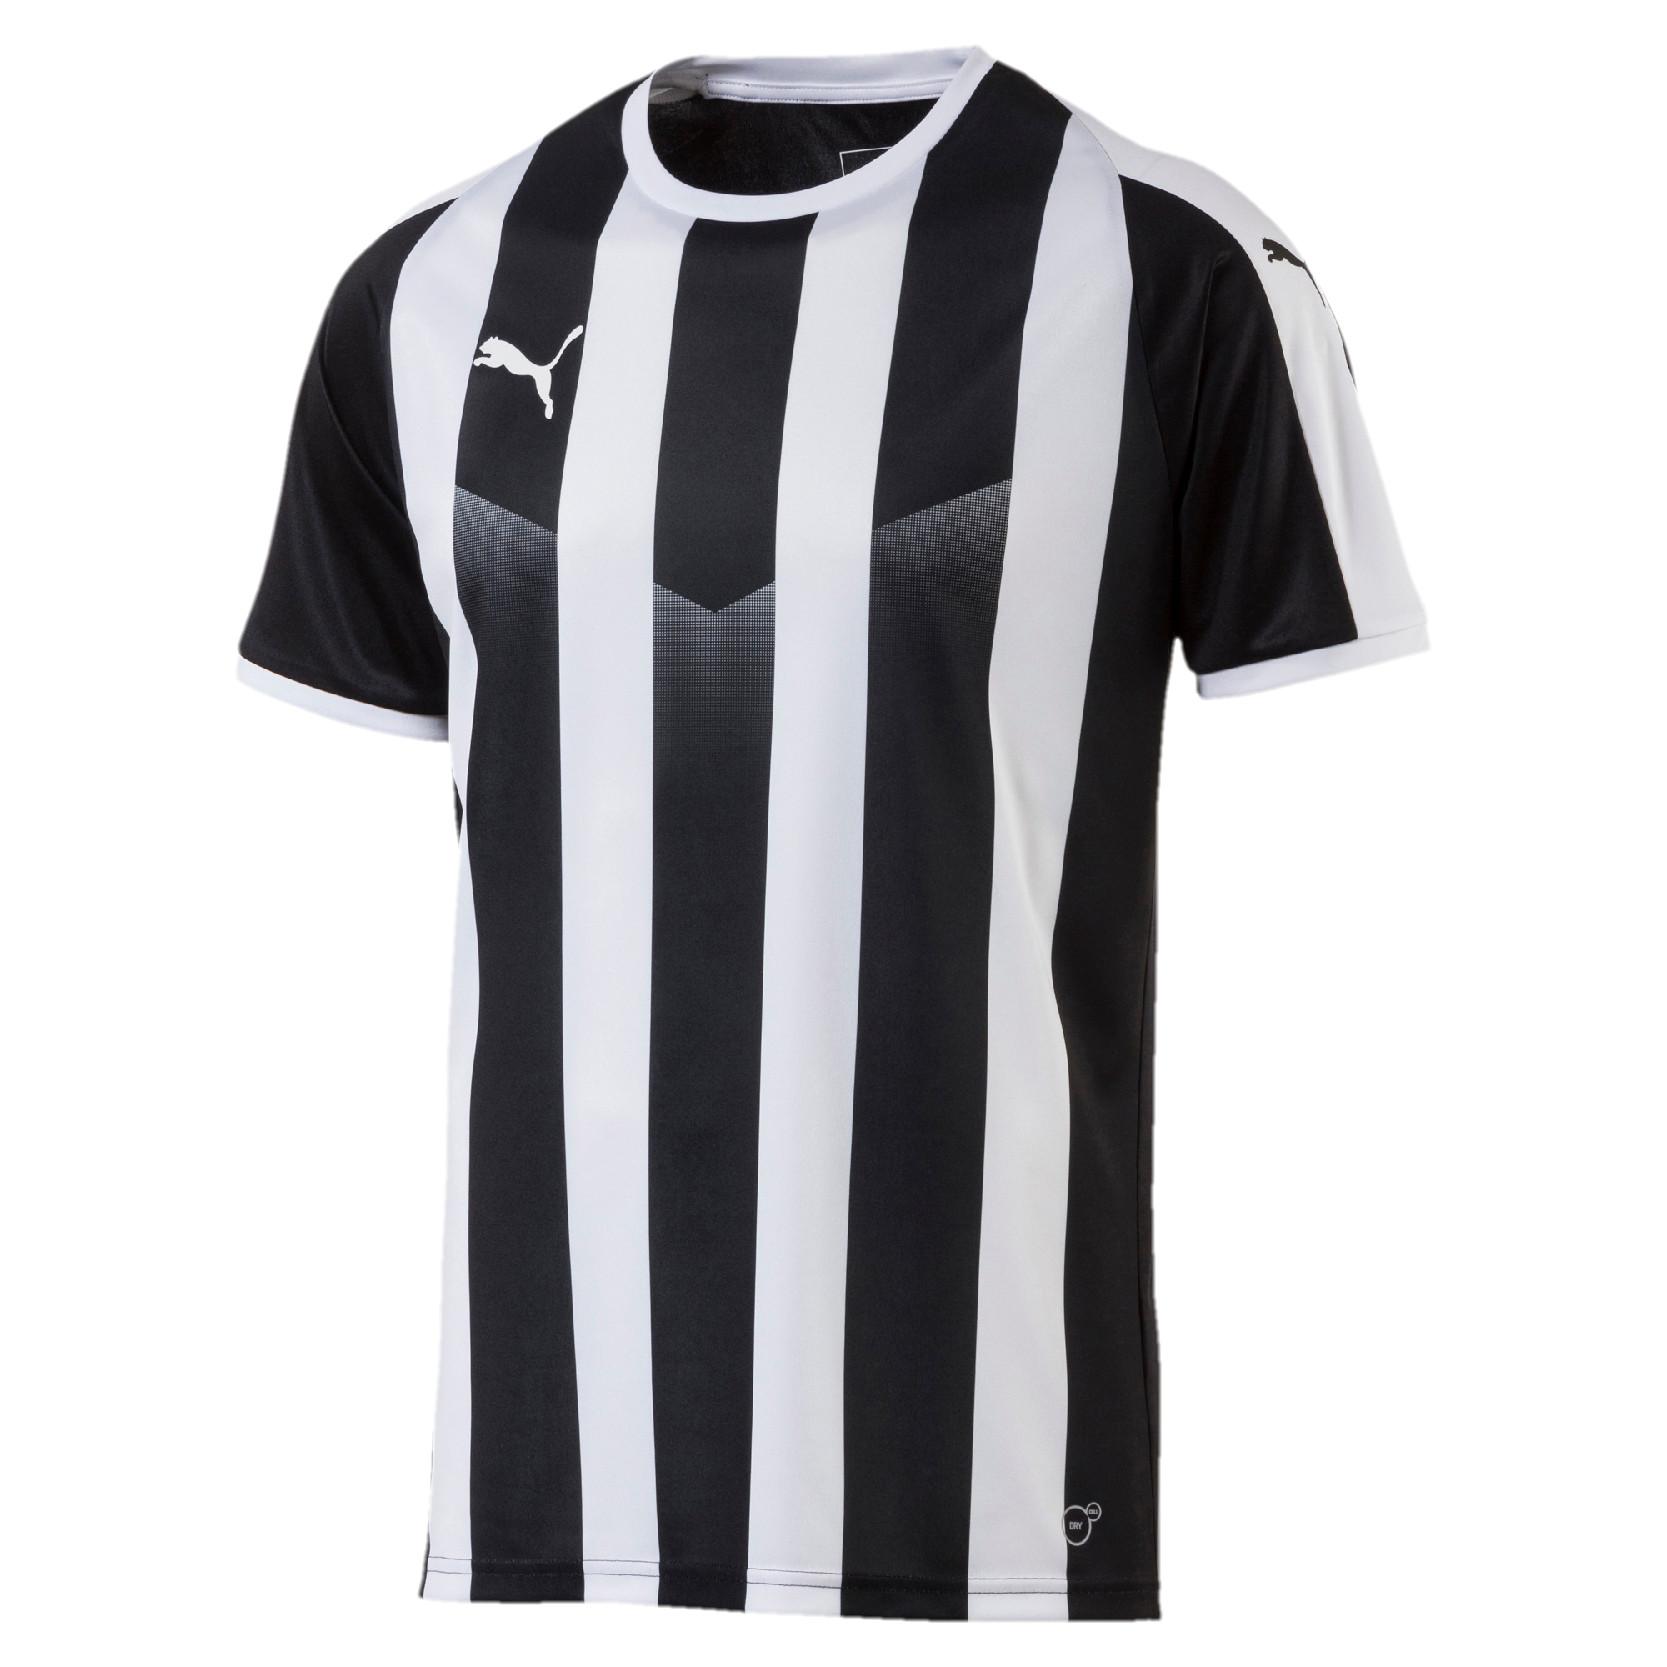 d2fcf43814a Striped Shirts – PUMA Teamwear